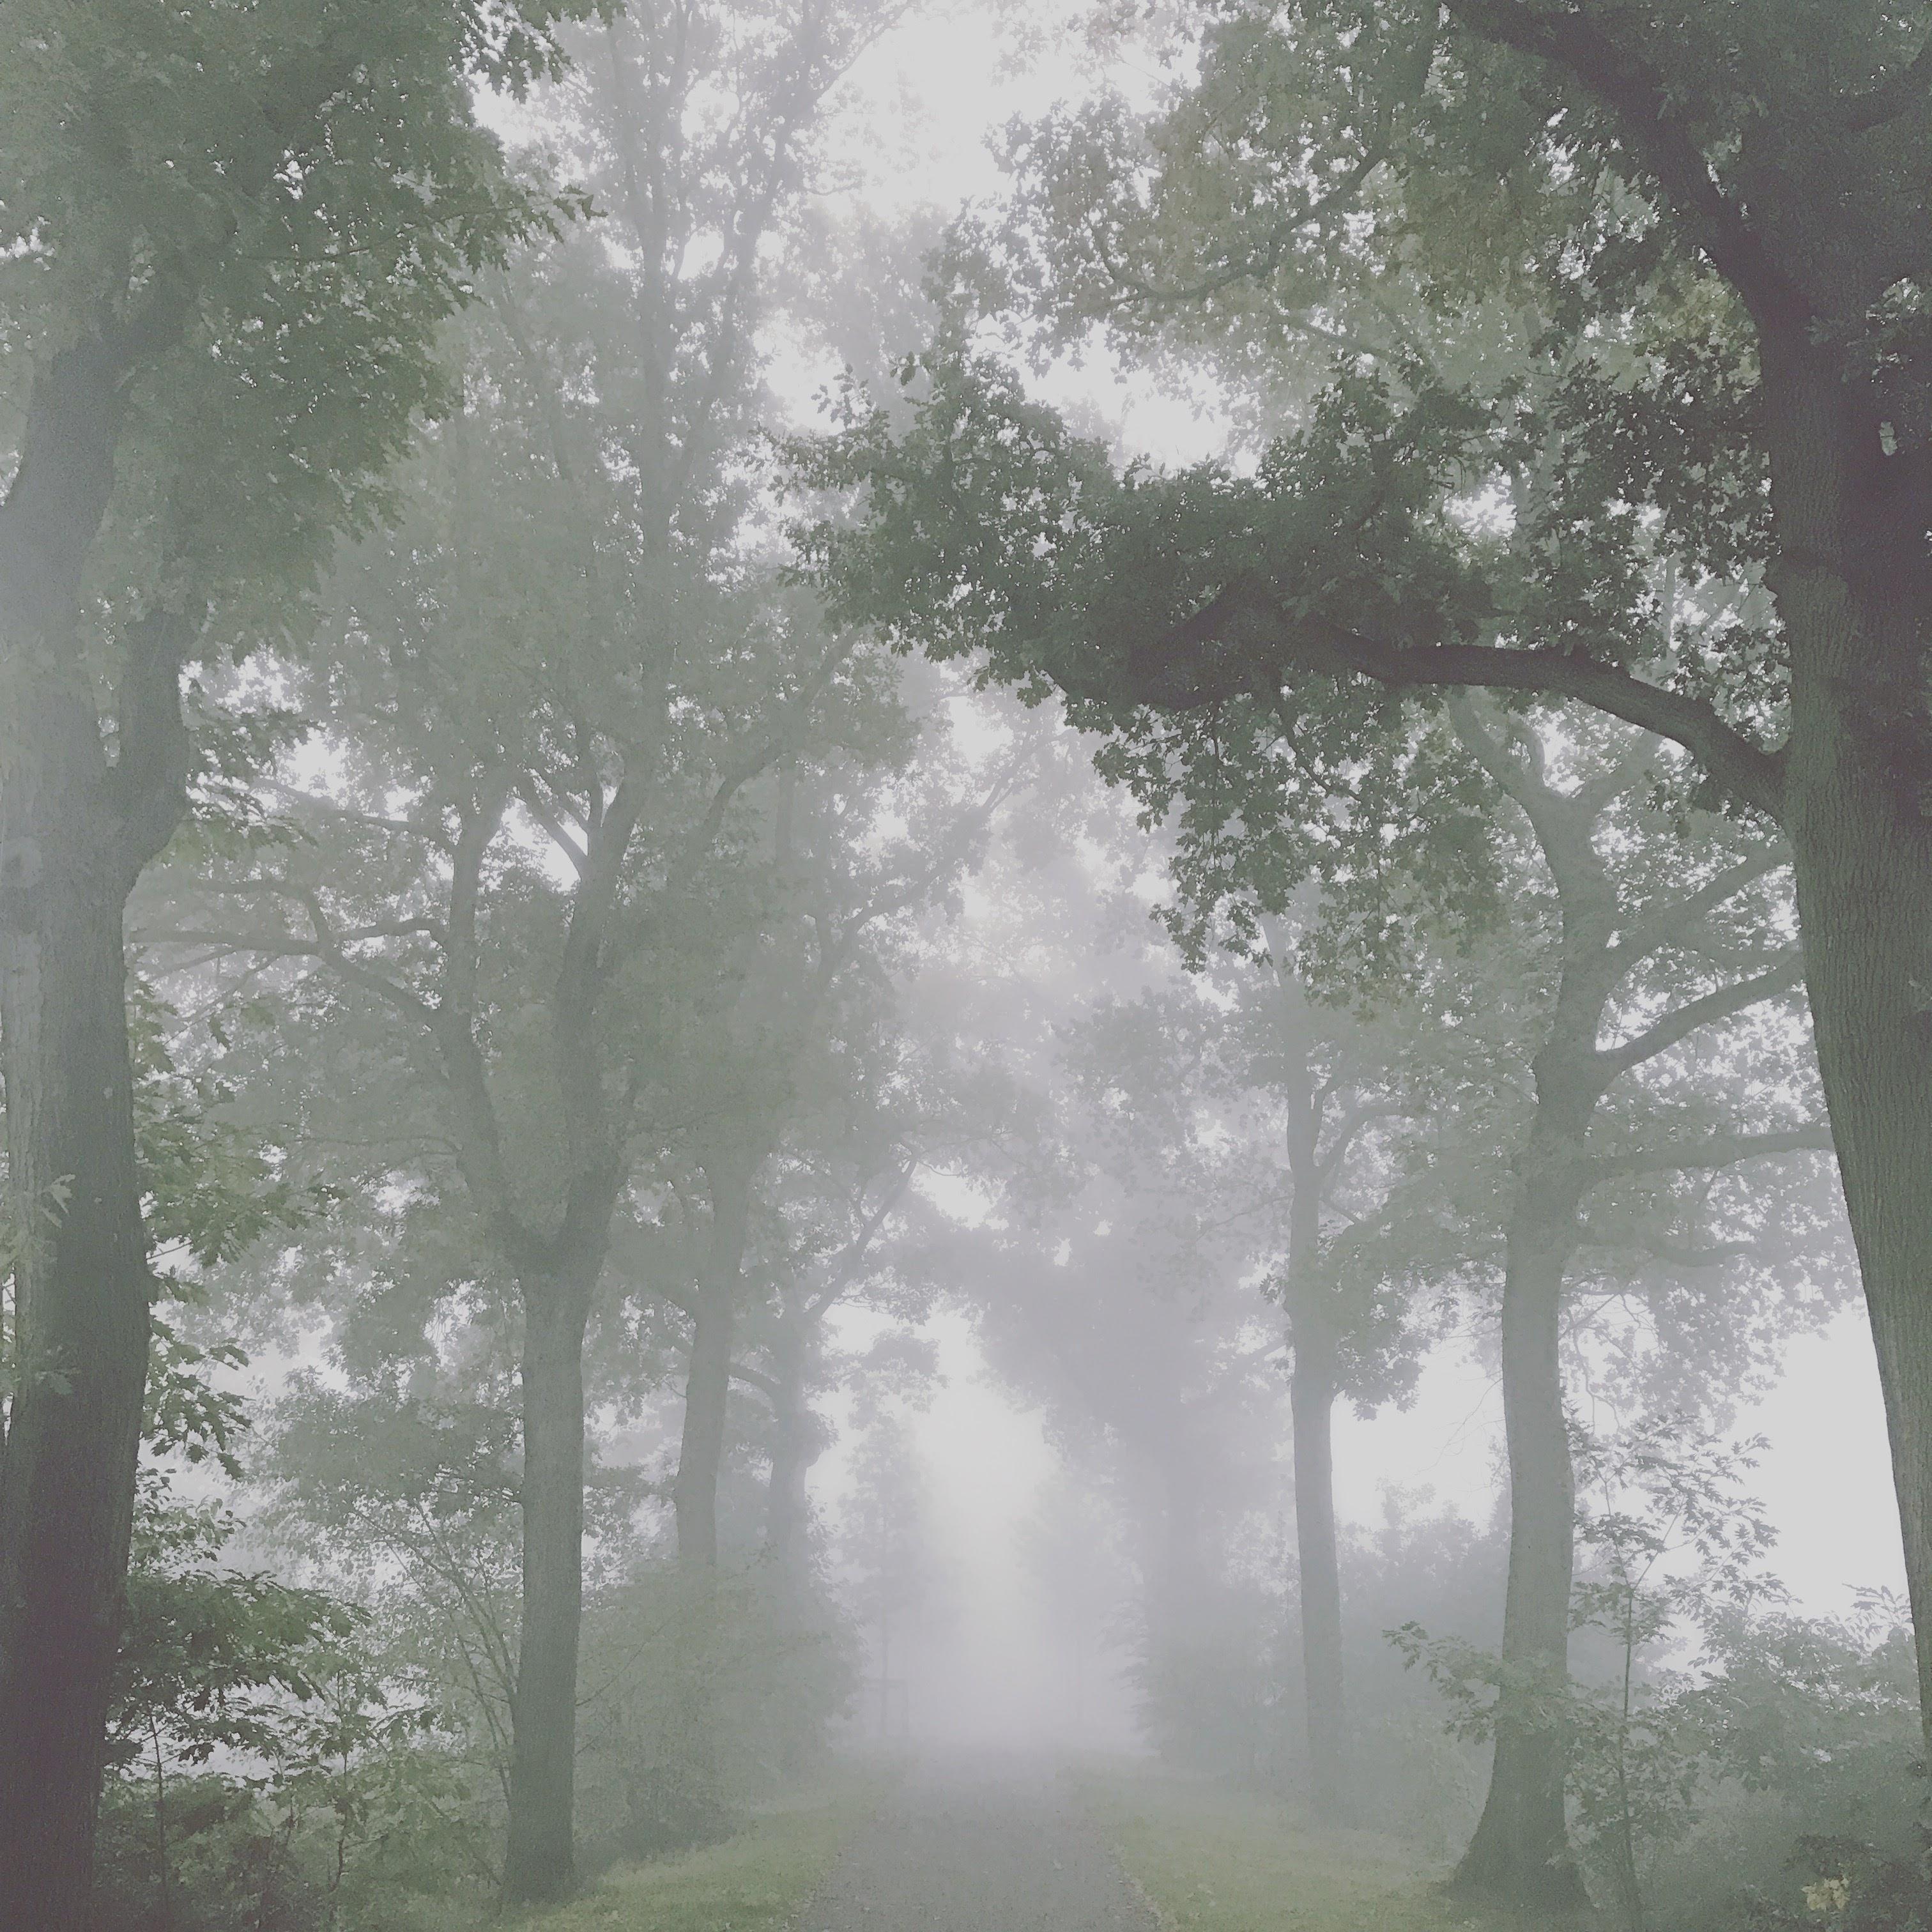 Kiewitdreef in de mist